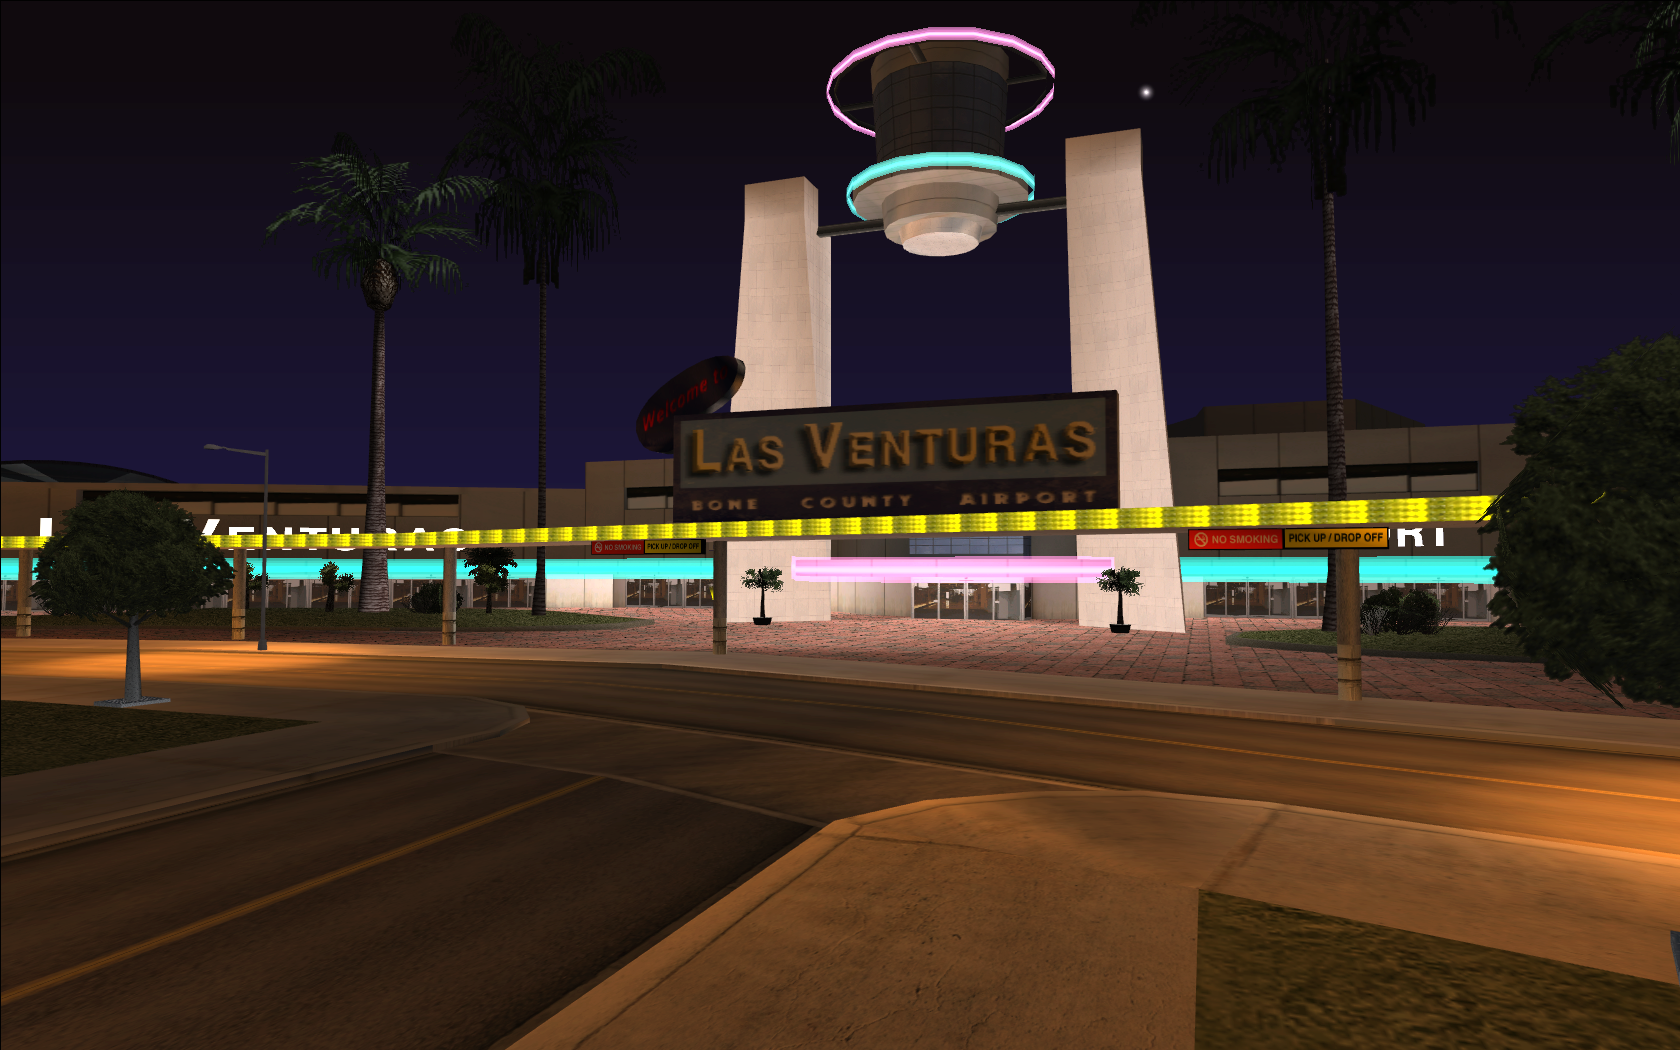 Aeropuerto de Las Venturas en GTA San Andreas